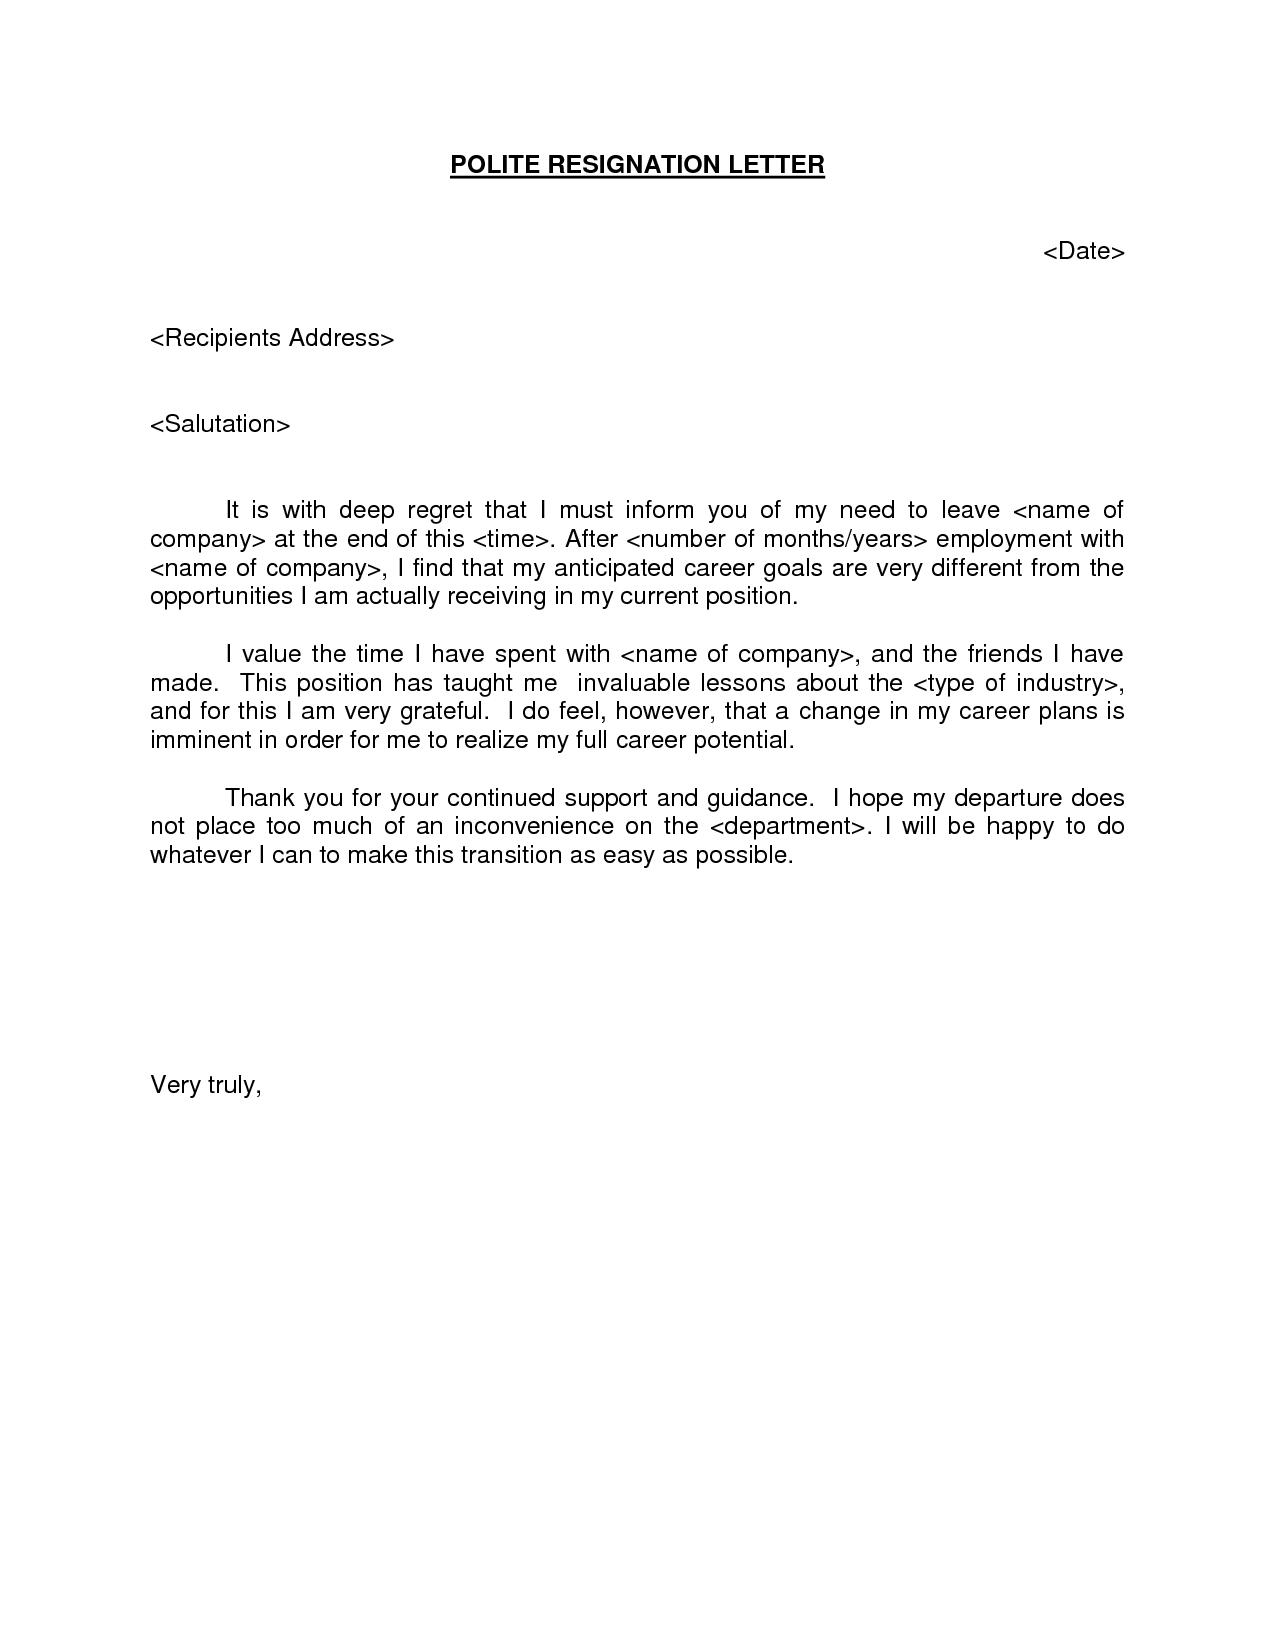 Sample Fundraising Letter Template - Polite Resignation Letter Bestdealformoneywriting A Letter